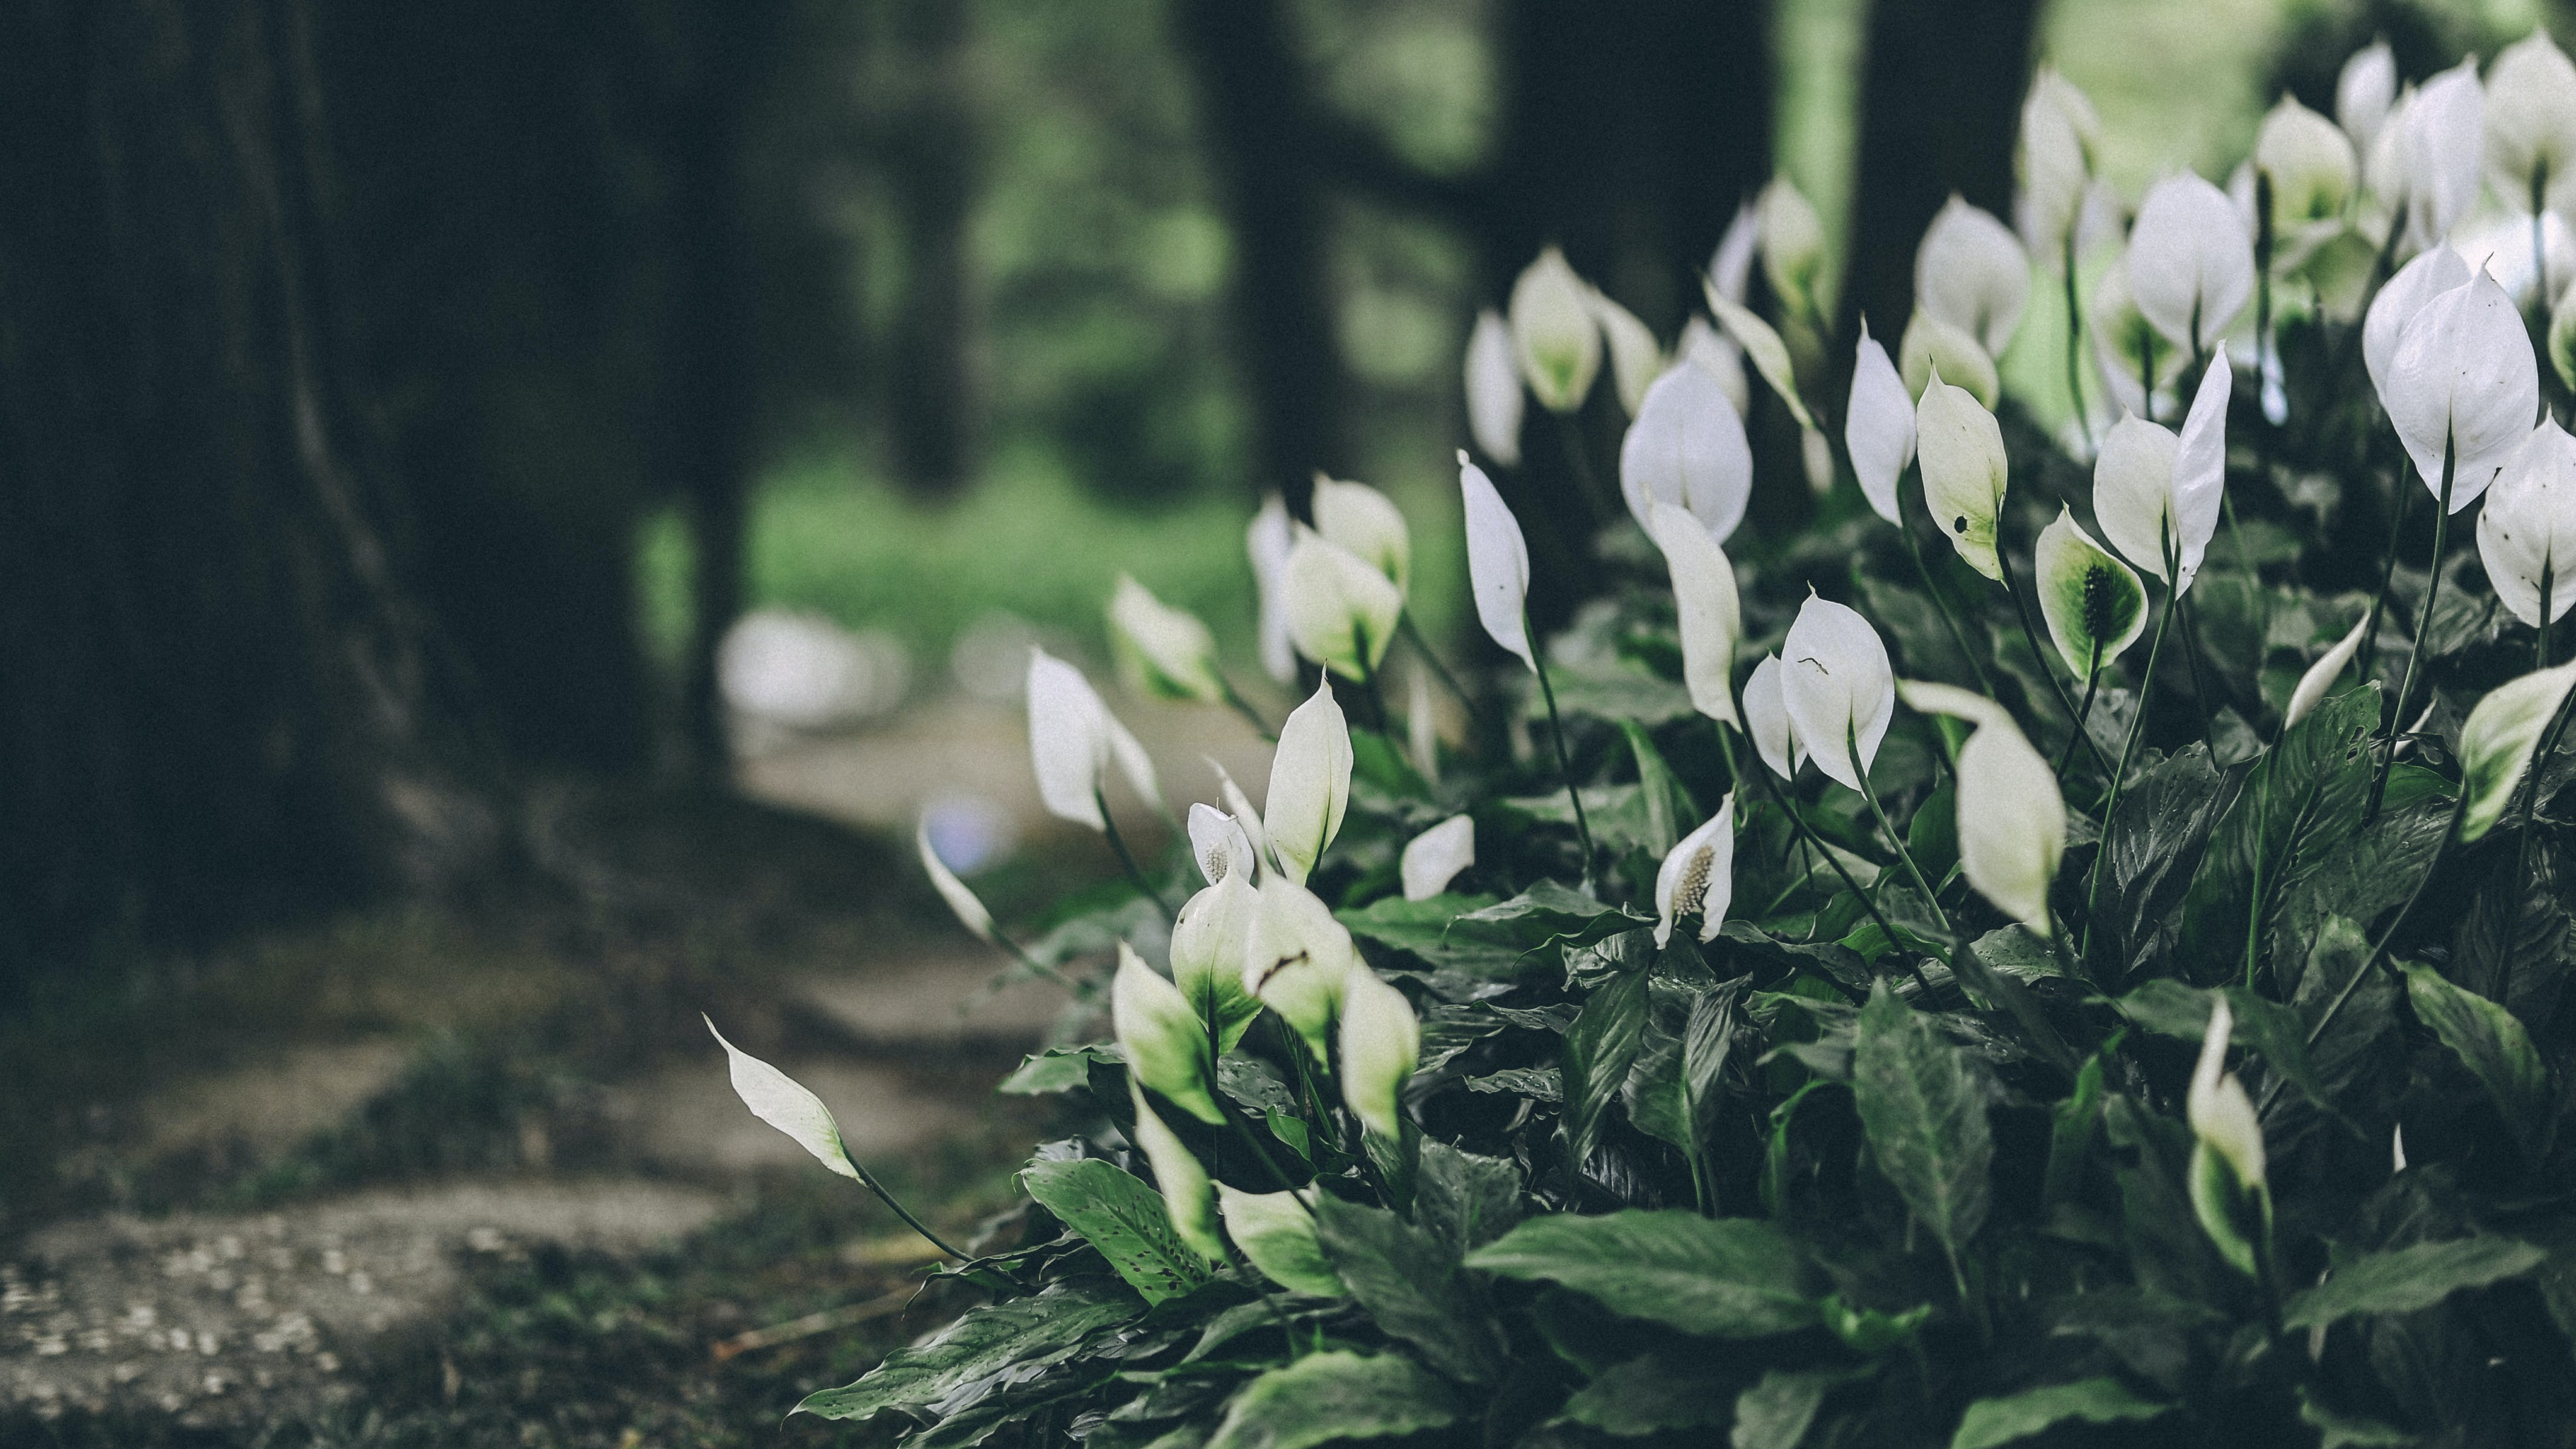 White Anthorium Flowers Near Brown Soil in Tilt Shift Lens Photography